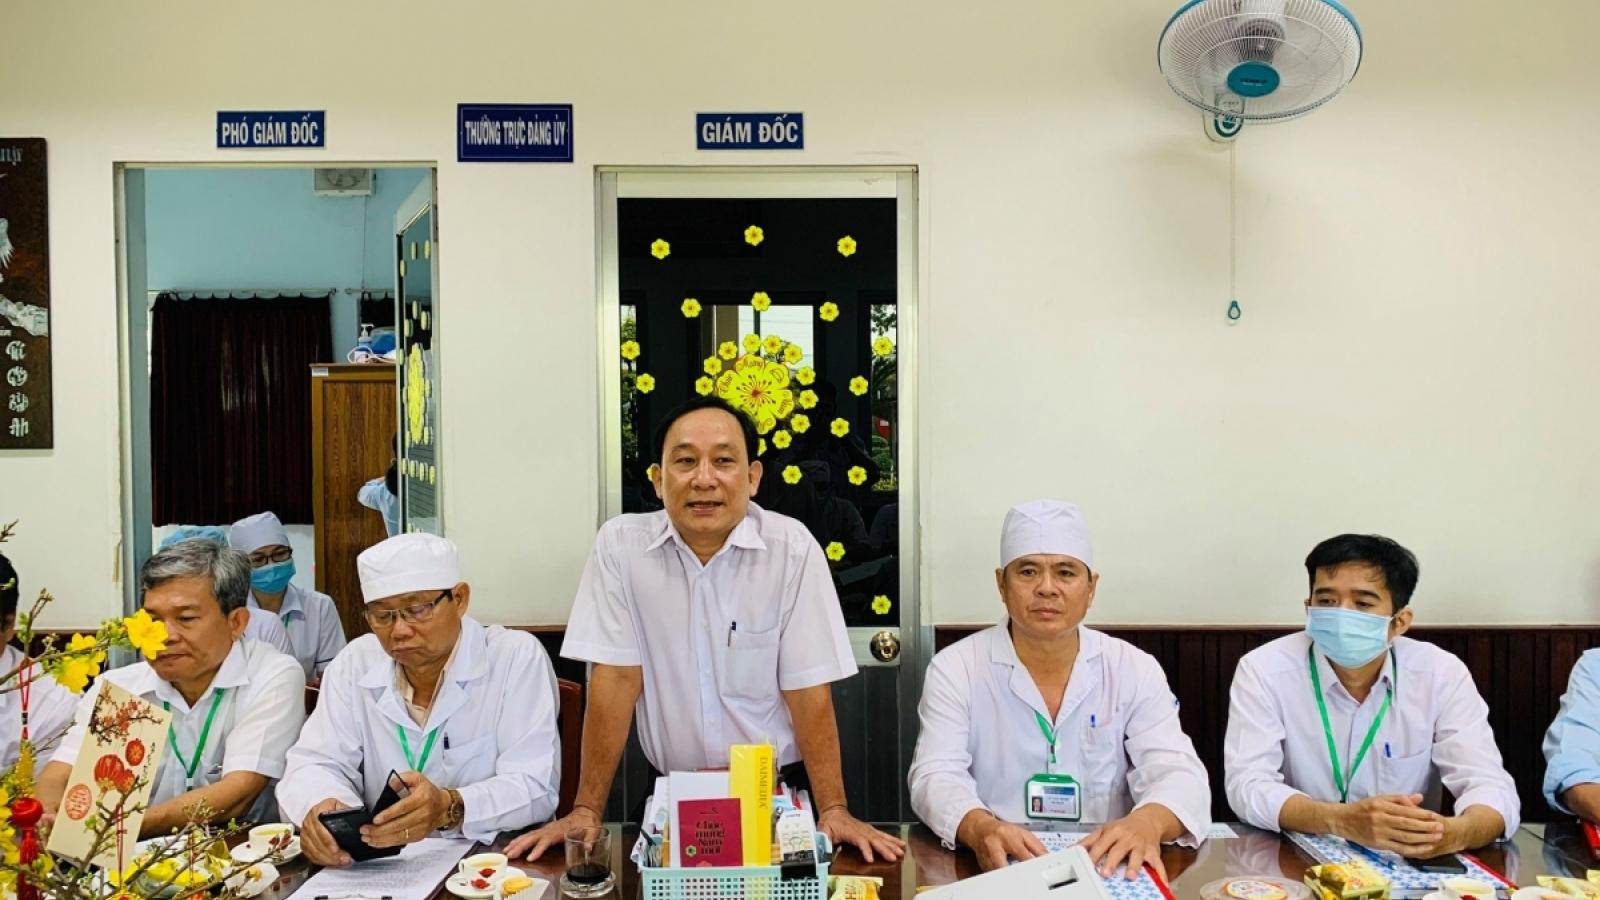 Nóng 24h: Giám đốc Bệnh viện thuê giang hồ giết người do ghen tuông